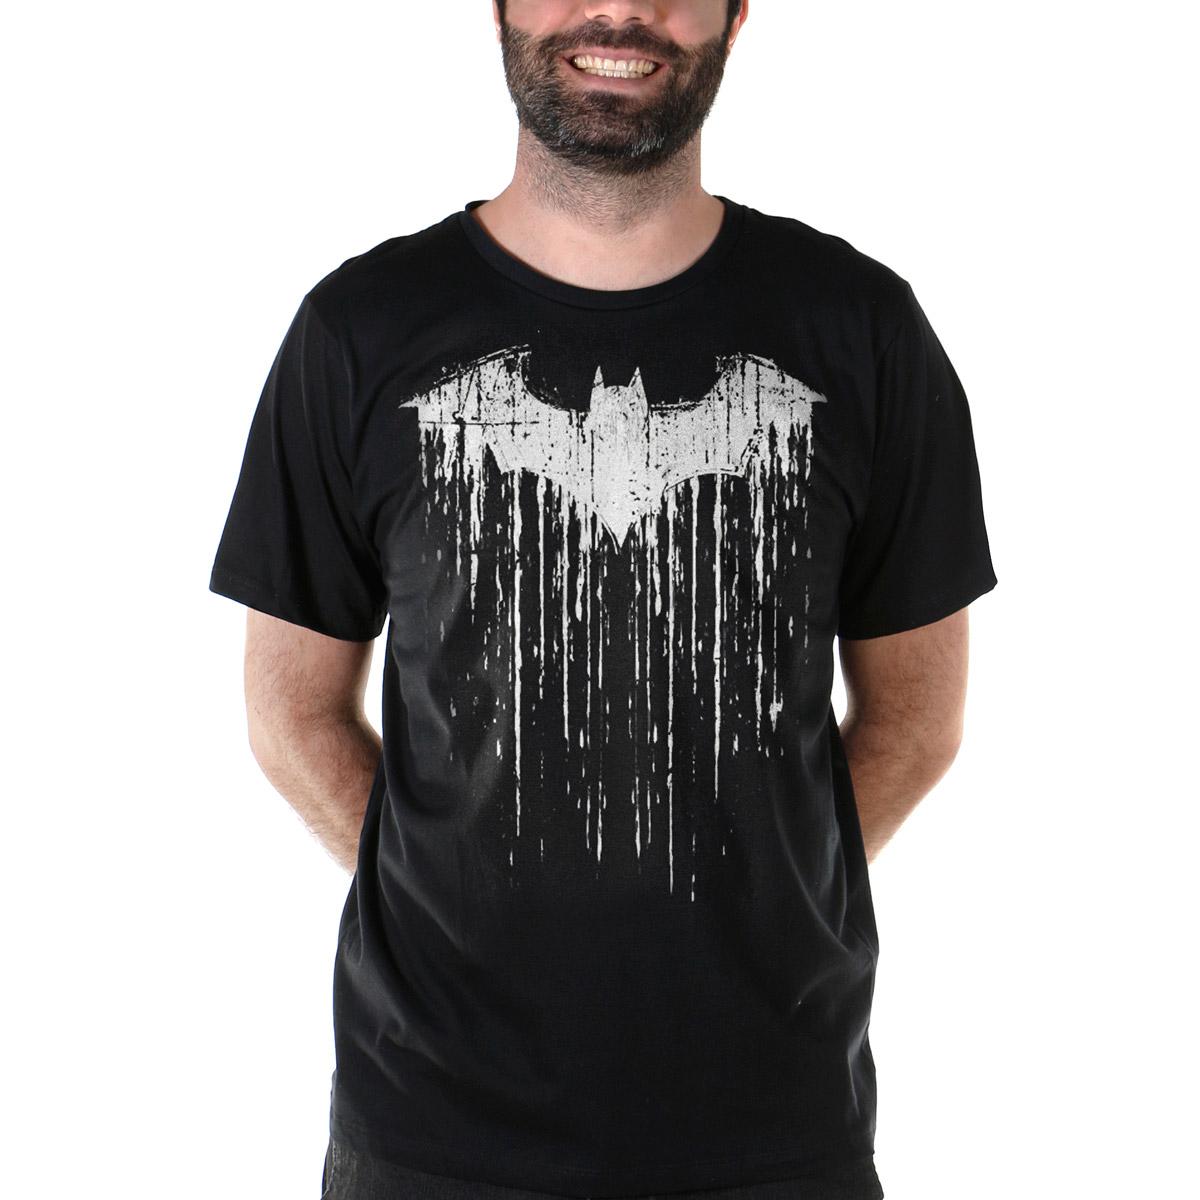 Camiseta Masculina Batman Melting